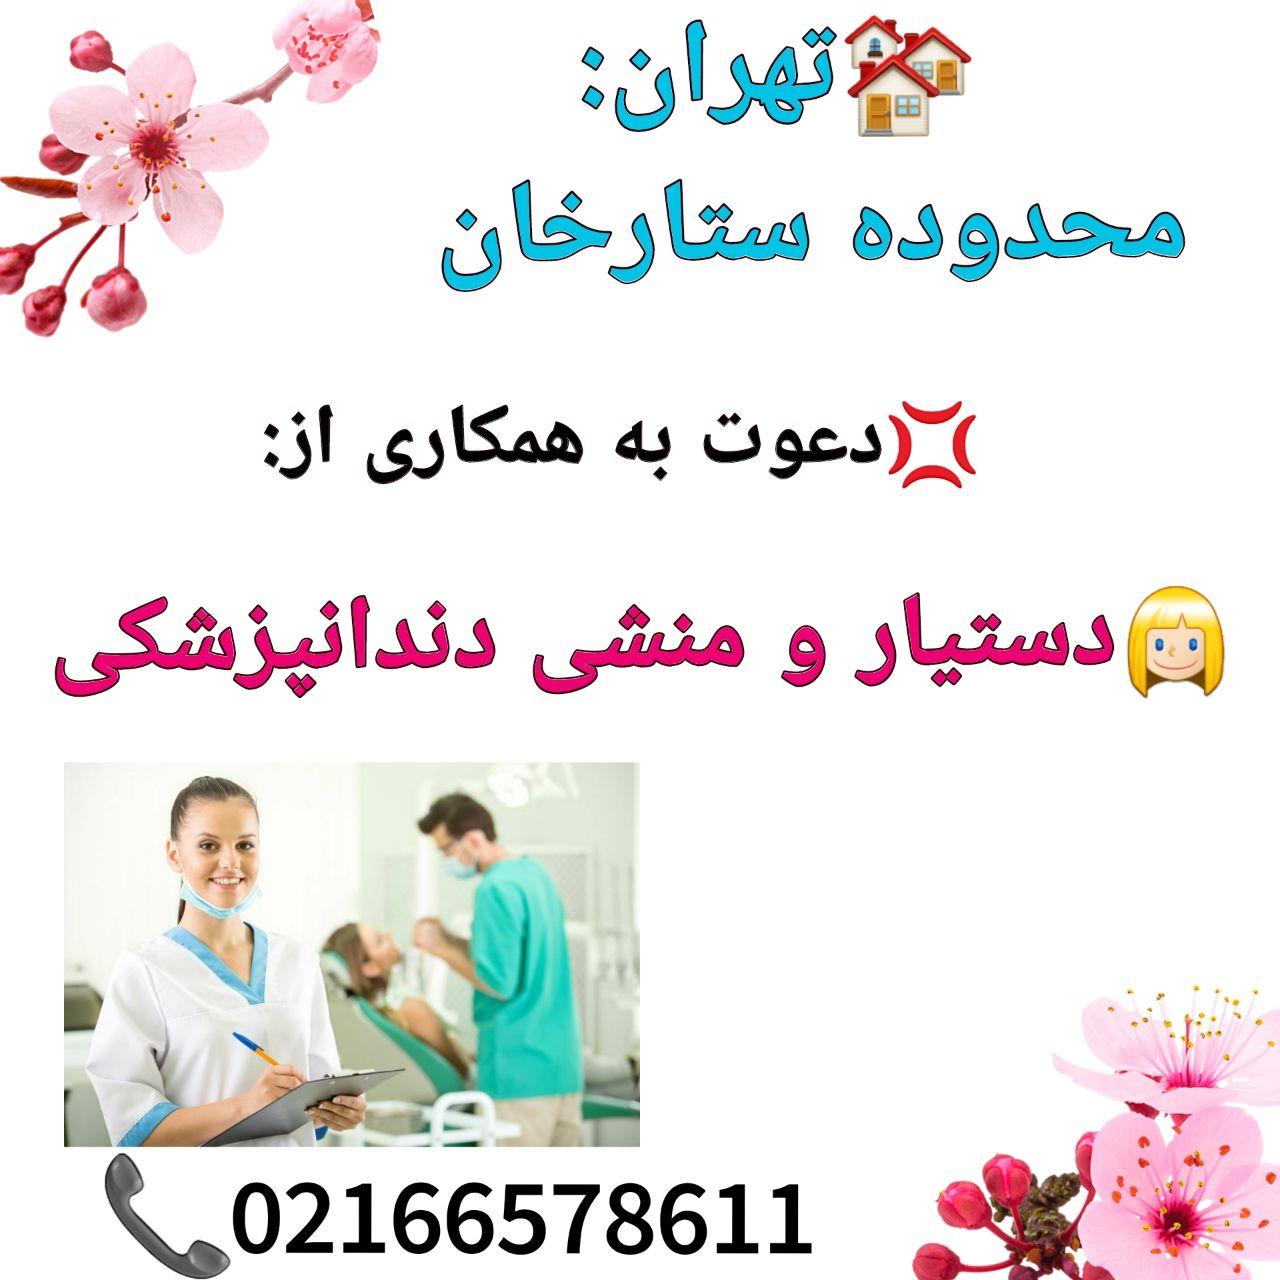 تهران: محدوده ستارخان، نیاز به دستیار و منشی دندانپزشک